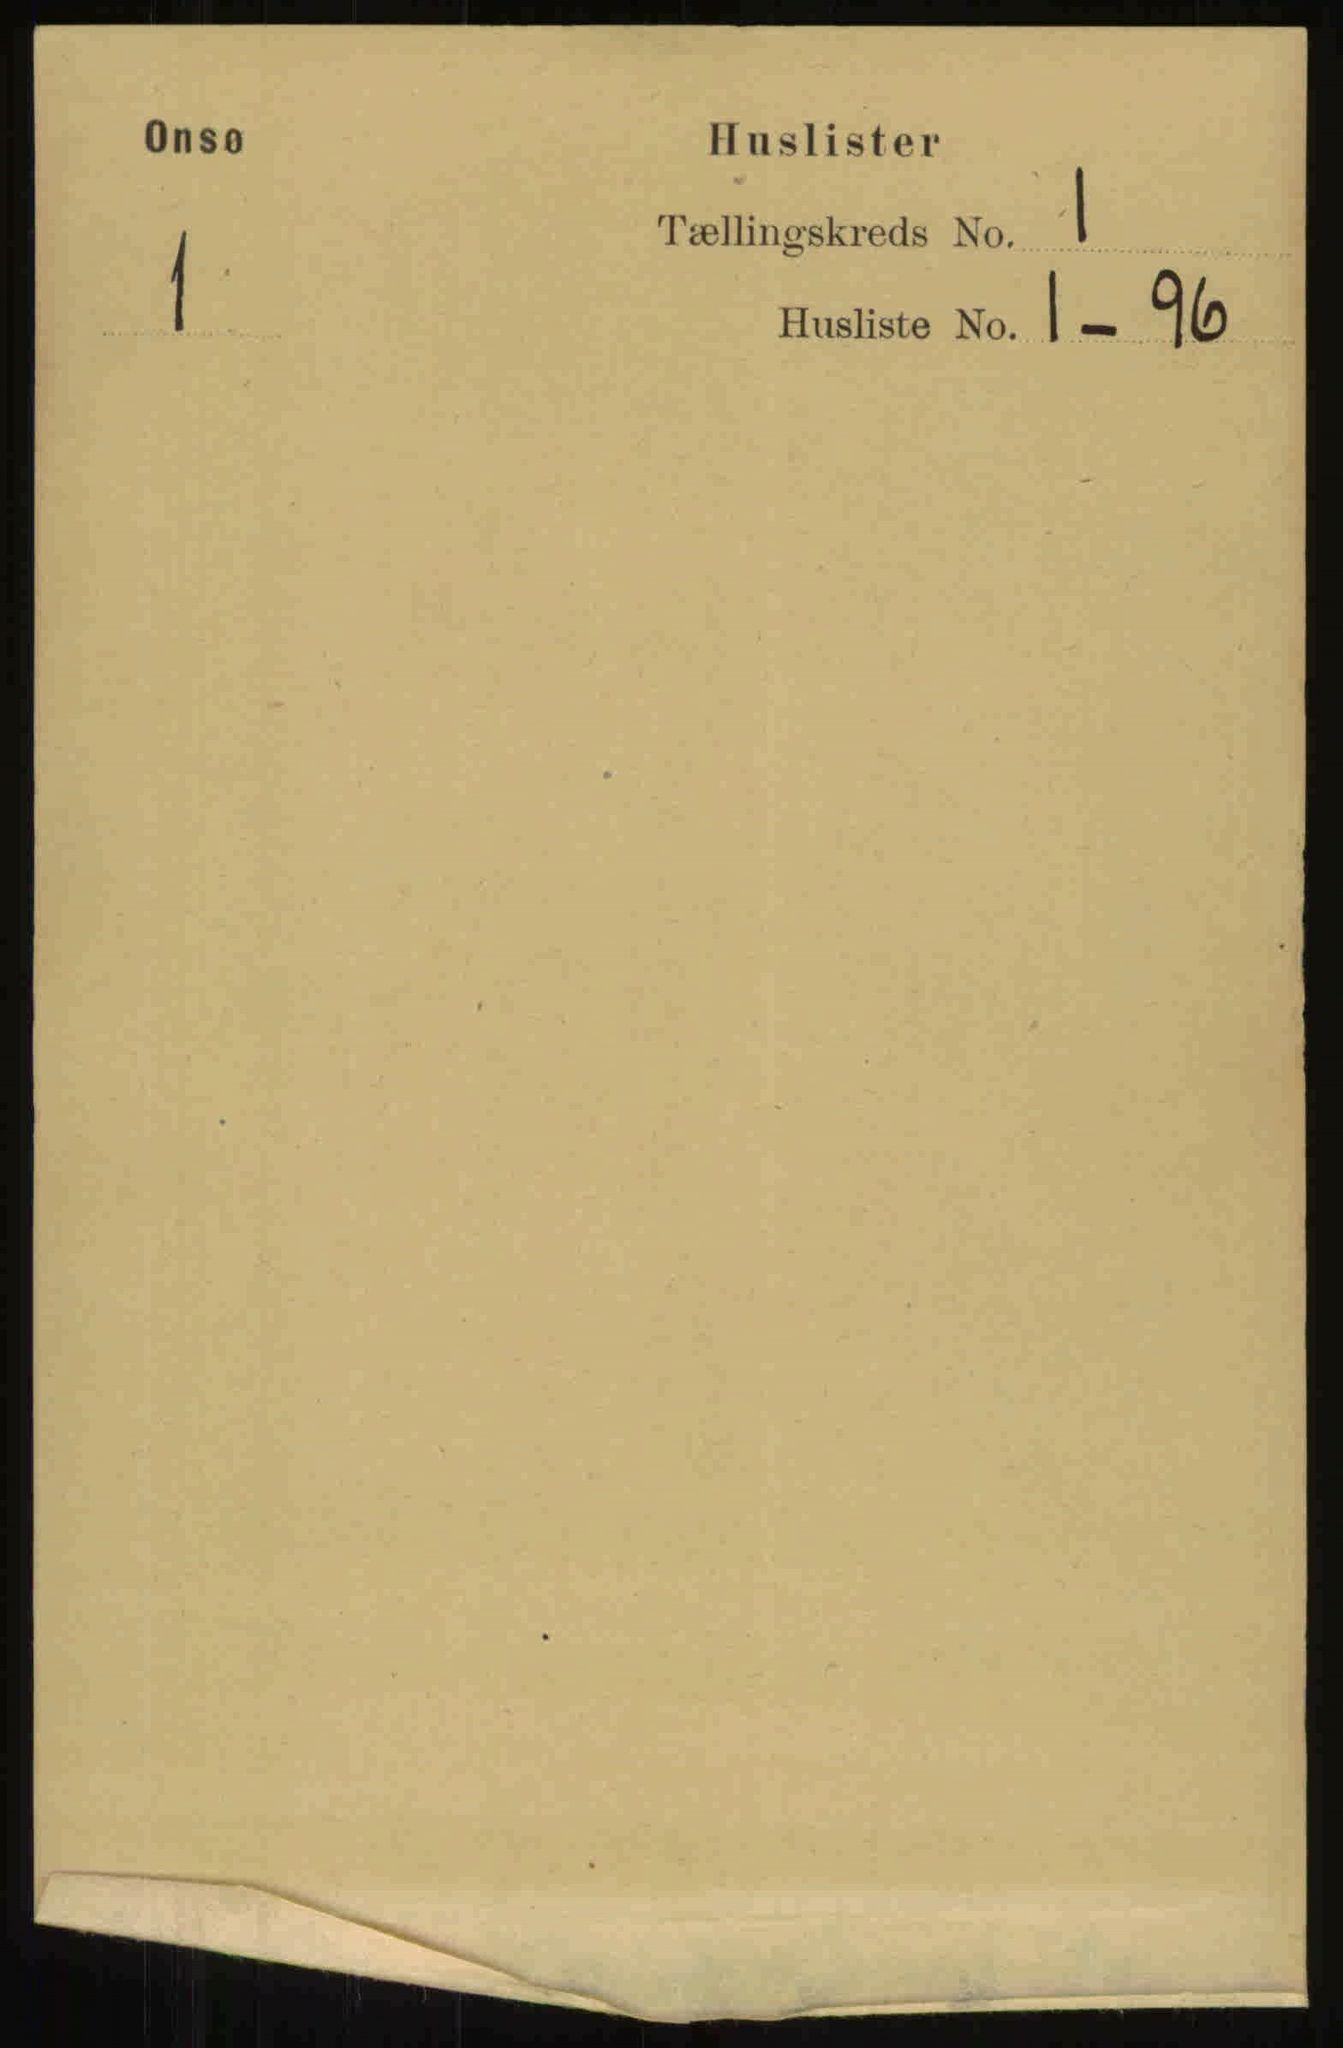 RA, Folketelling 1891 for 0134 Onsøy herred, 1891, s. 29